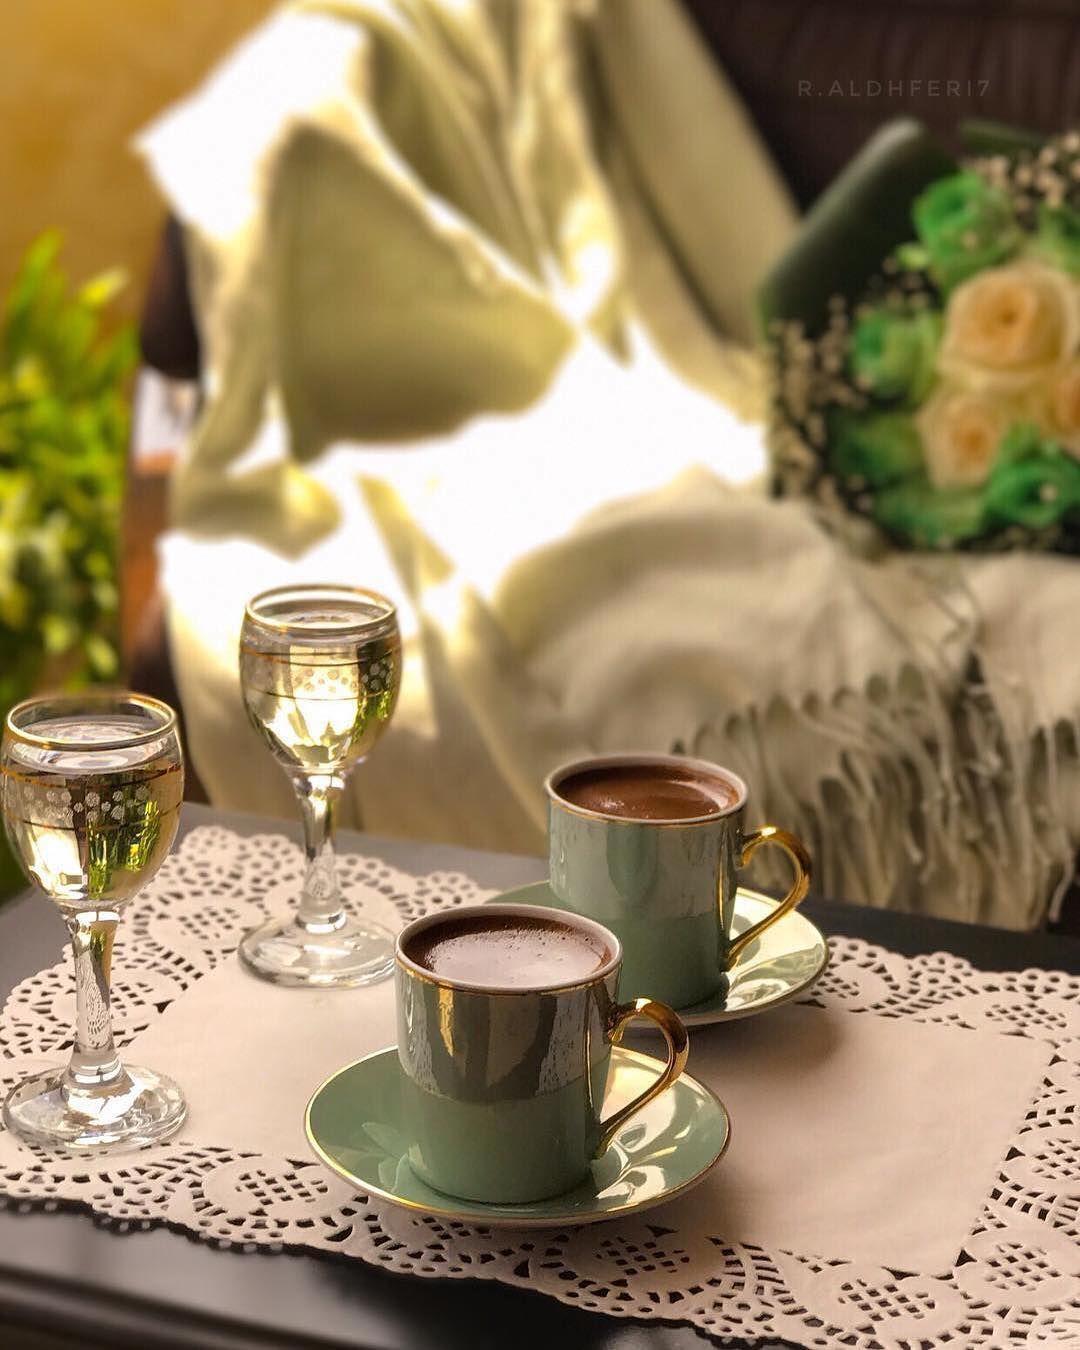 ㅤرغبتي هالأيام العزلة تحت مسمى الراحة والبعد عن كل شيء ㅤ ㅤ By R Aldhferi7 ㅤ Chosen By Rawasi ㅤ التقييم مـن 5 ㅤㅤㅤㅤ تـاق Tea Cups Cofee Cup